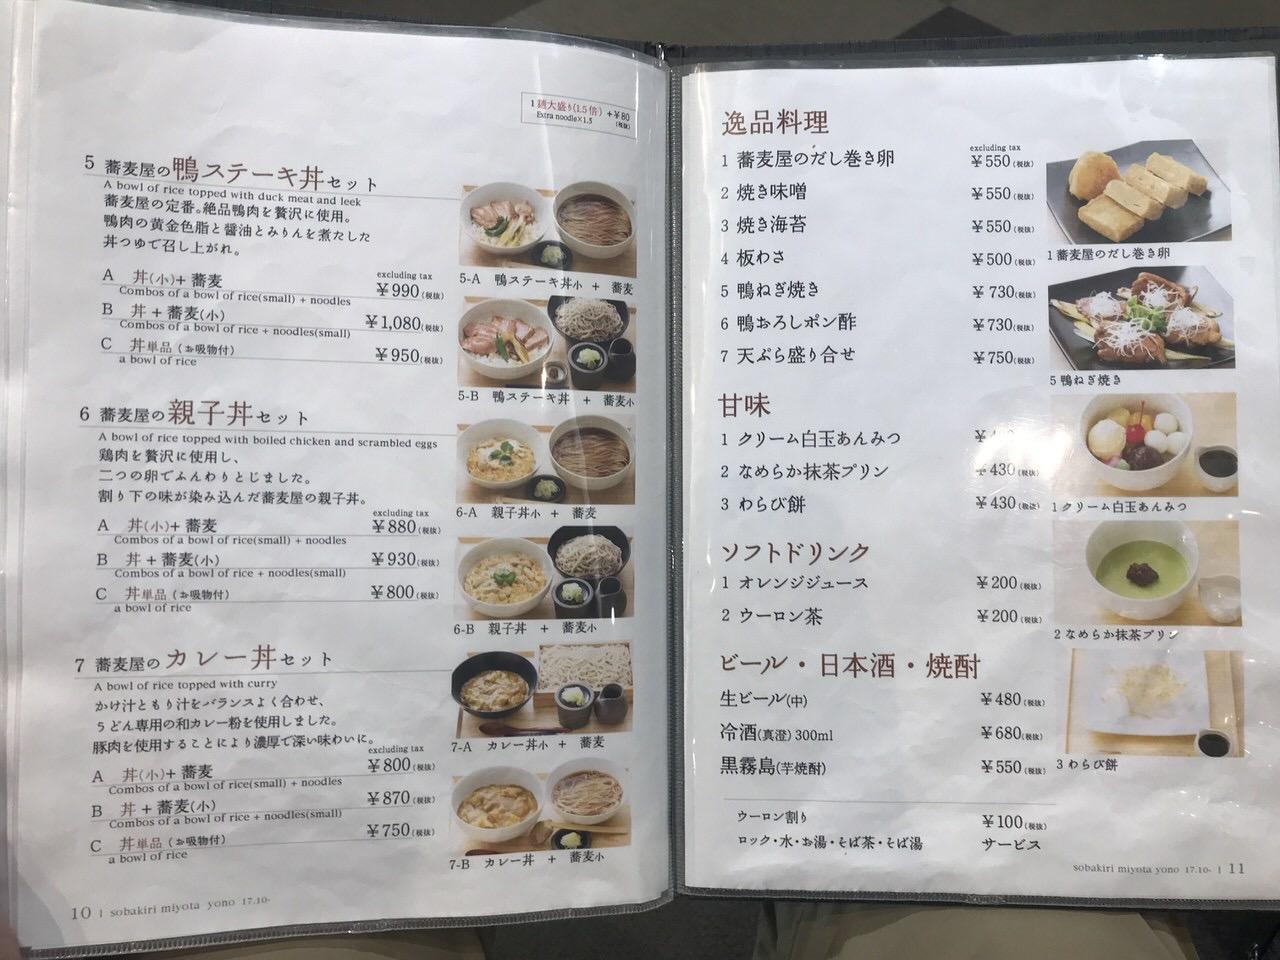 蕎麦きり みよた イオンモール与野店 7